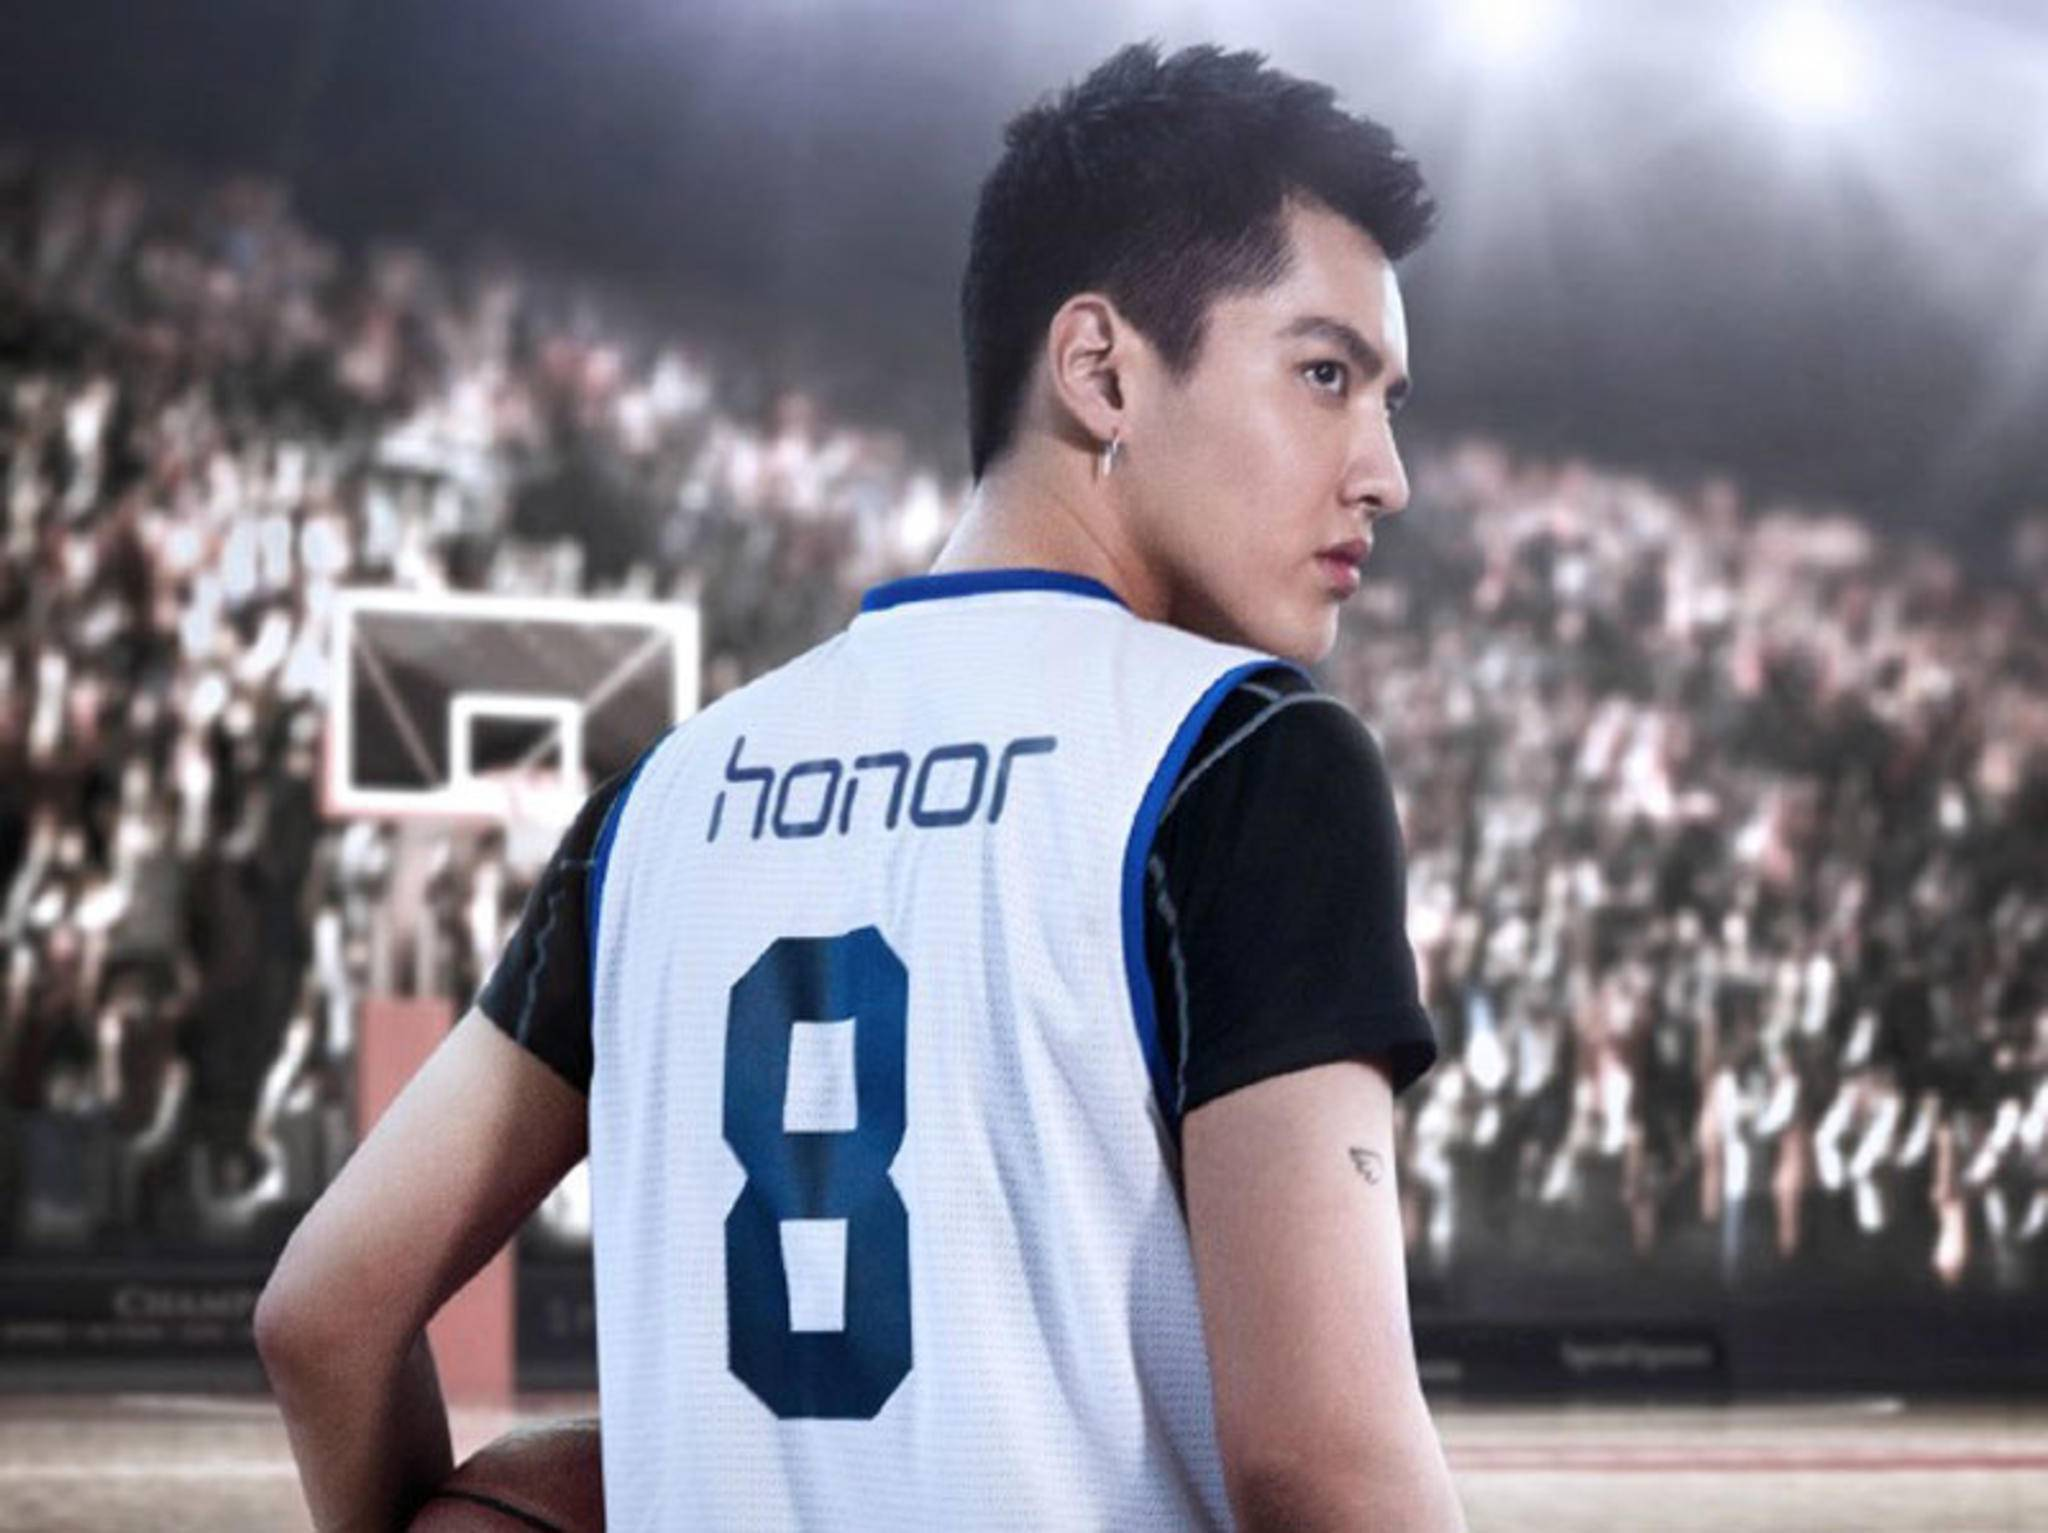 Der Teaser zum Honor 8 deutet auf einen baldigen Release hin.